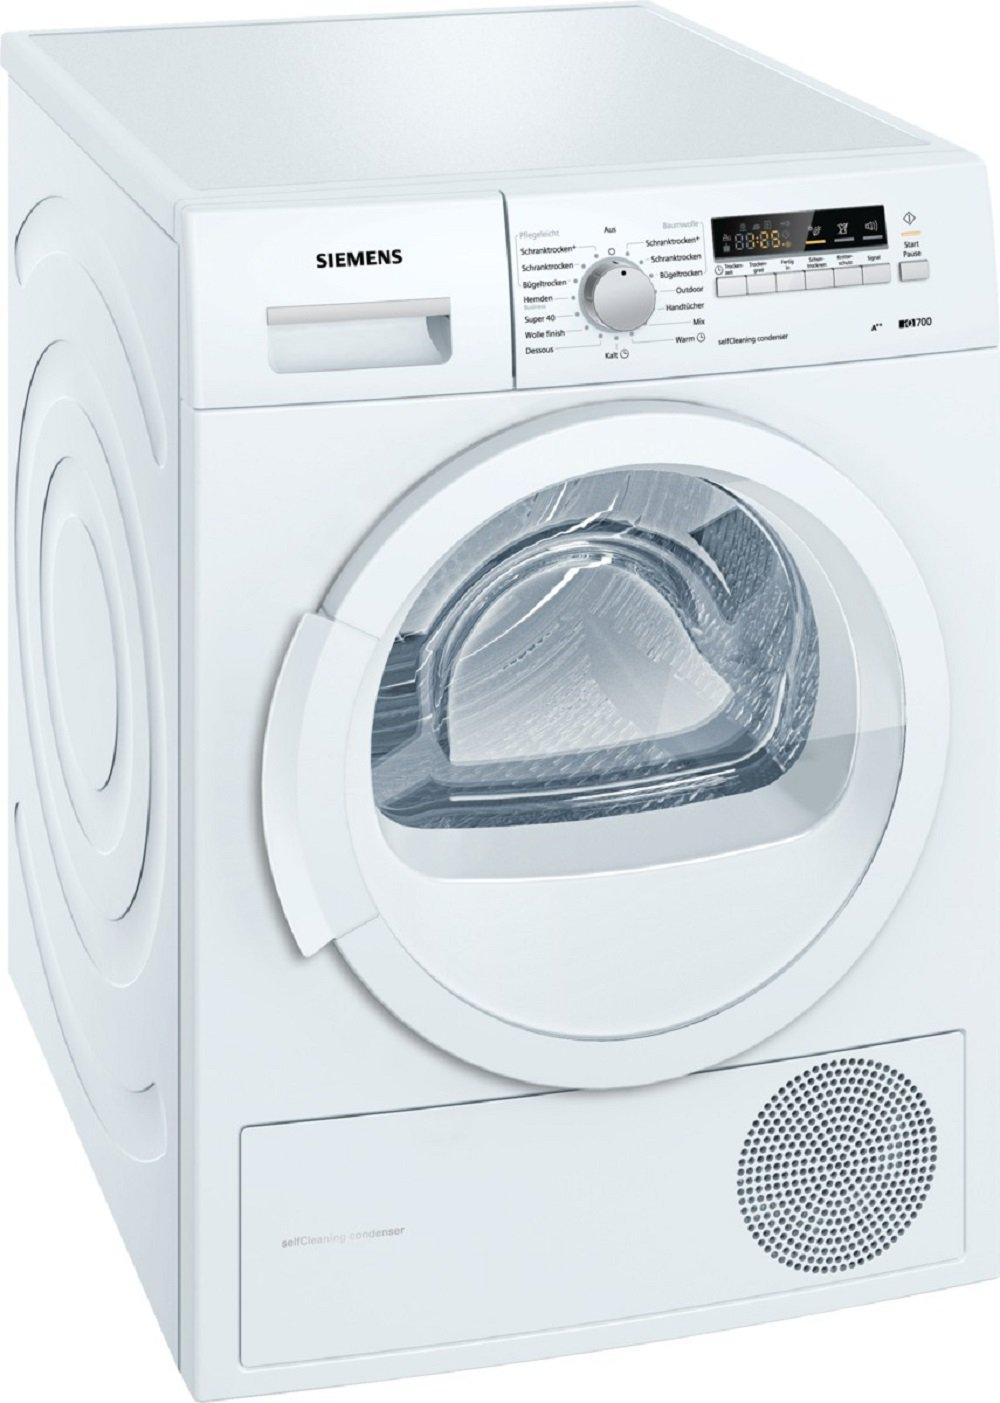 Siemens WT46W261 Wärmepumpentrockner